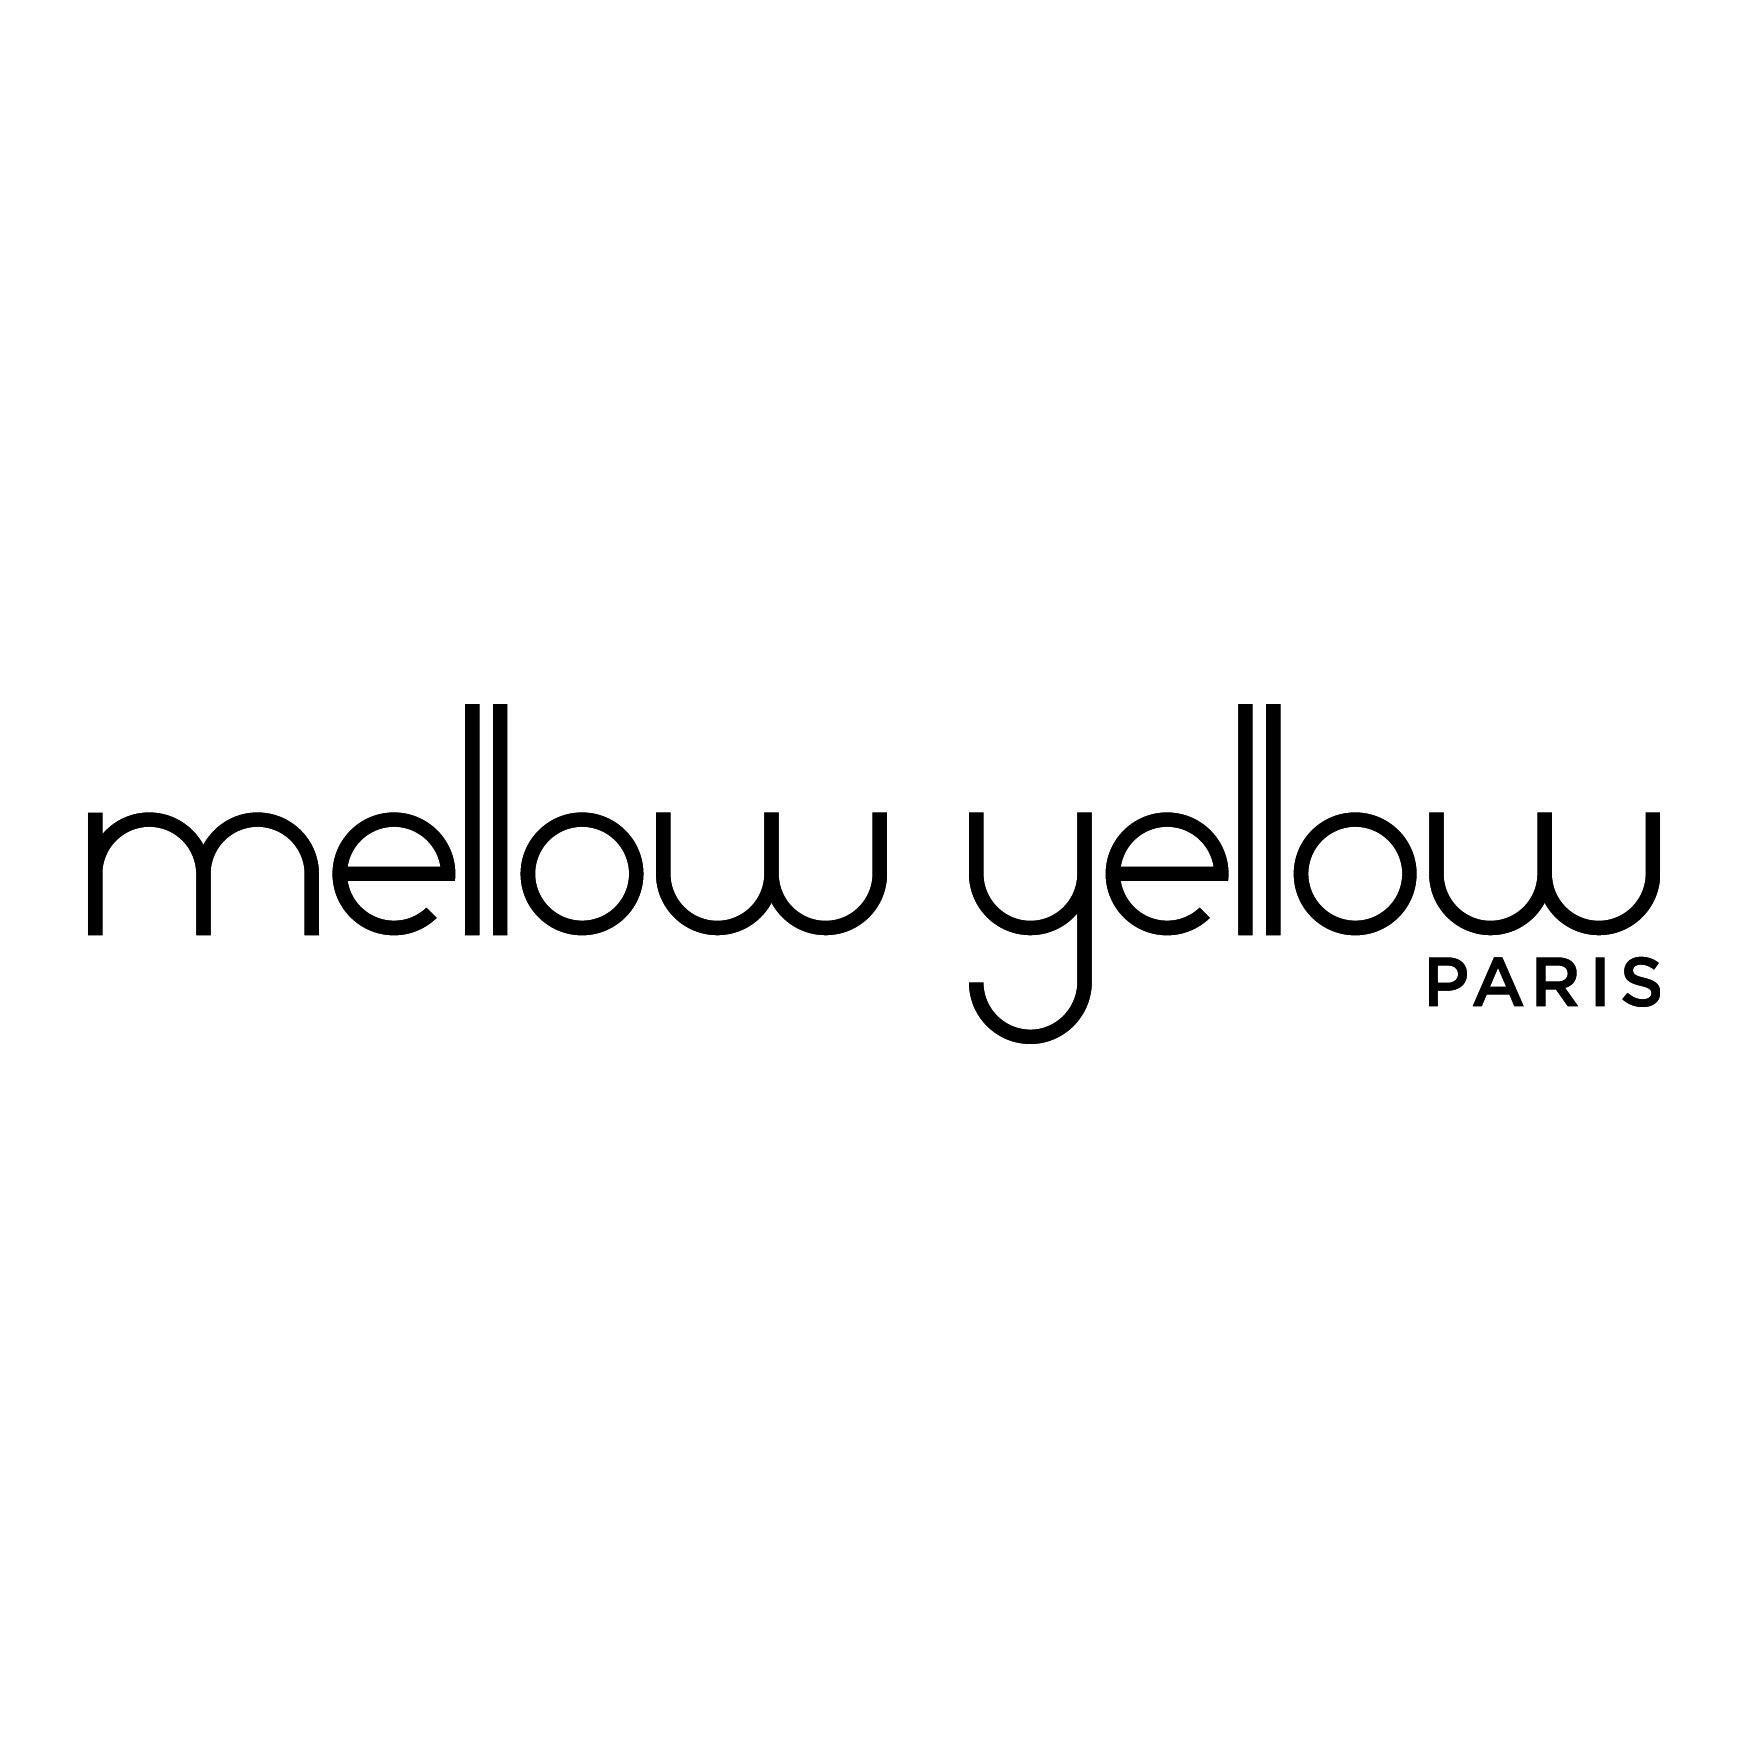 6a864384b3af89 Mellow Yellow Paris on Twitter: